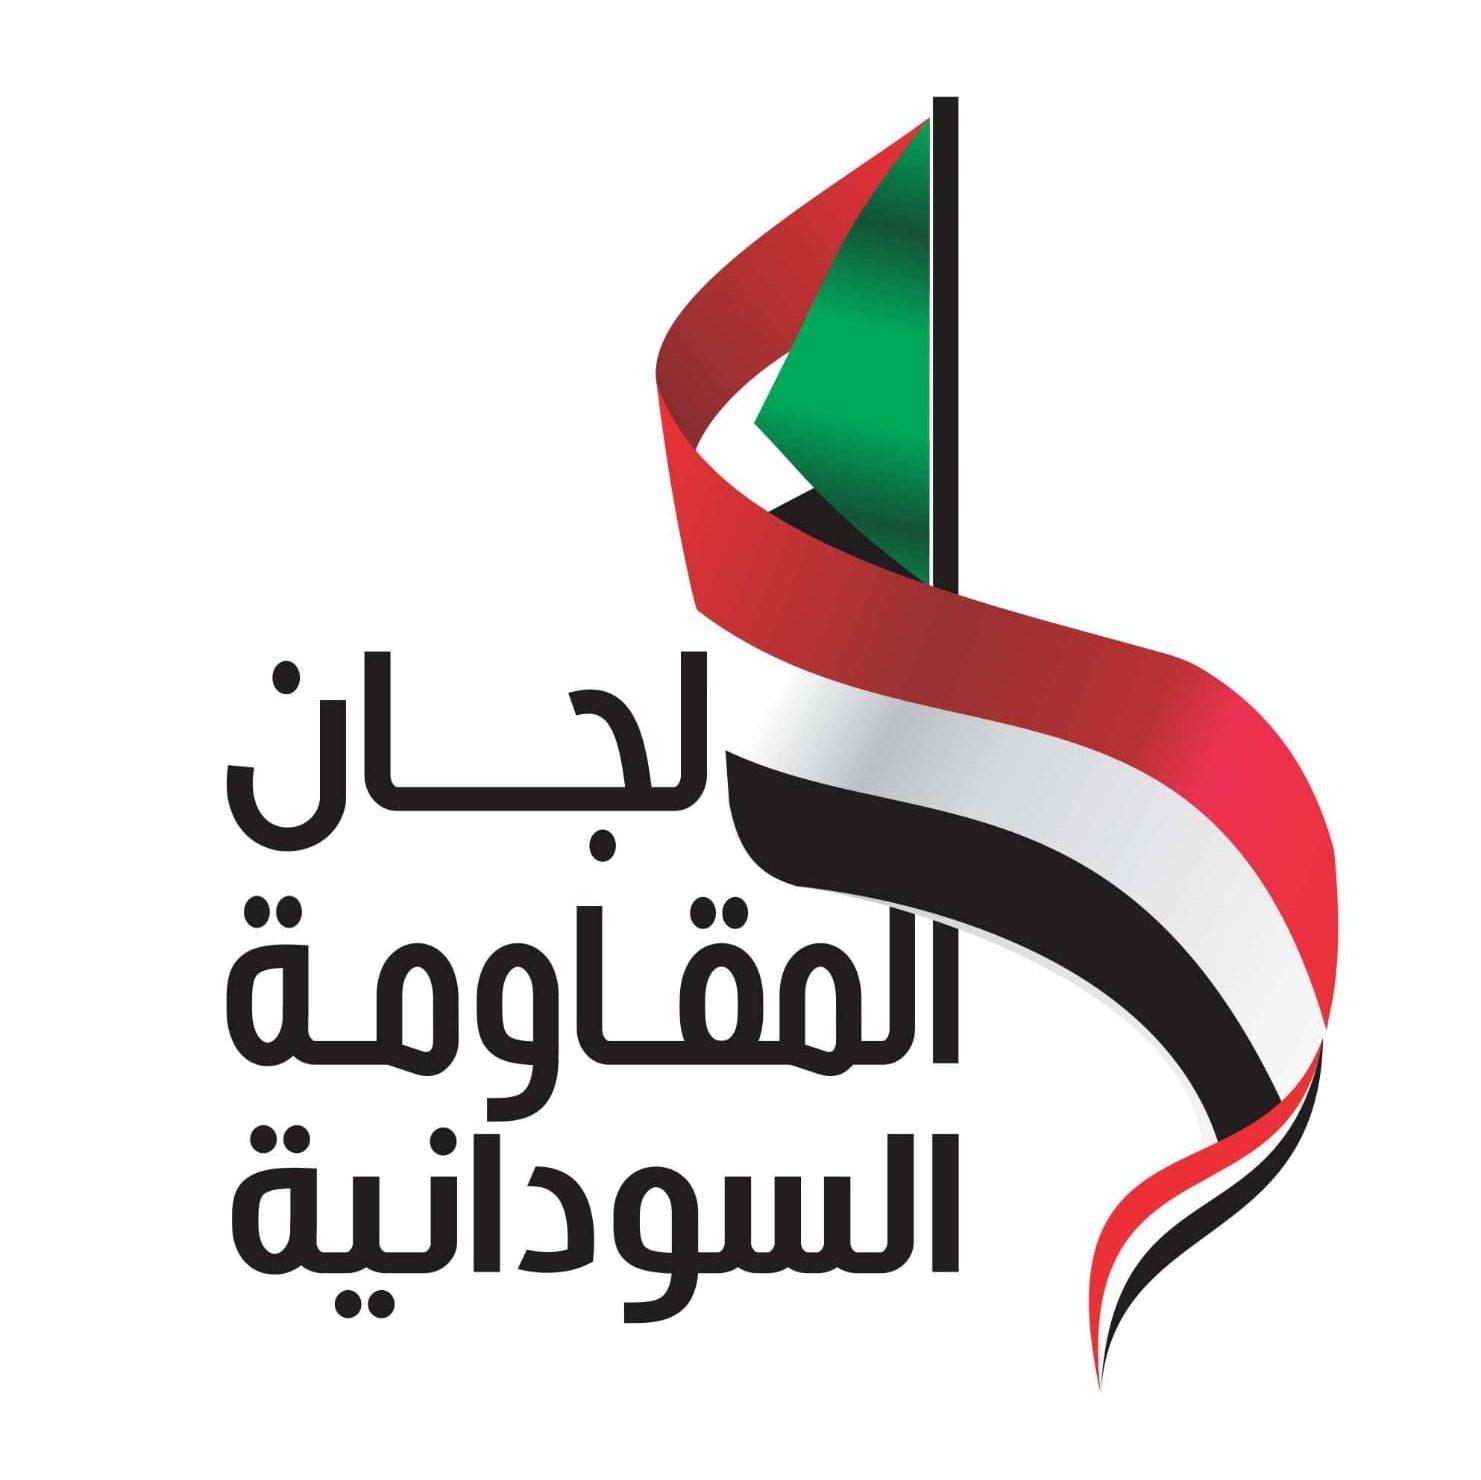 لجان المقاومة في الواجهة بين مطرقة الطوارئ الصحية وسندان العجز الحكومي